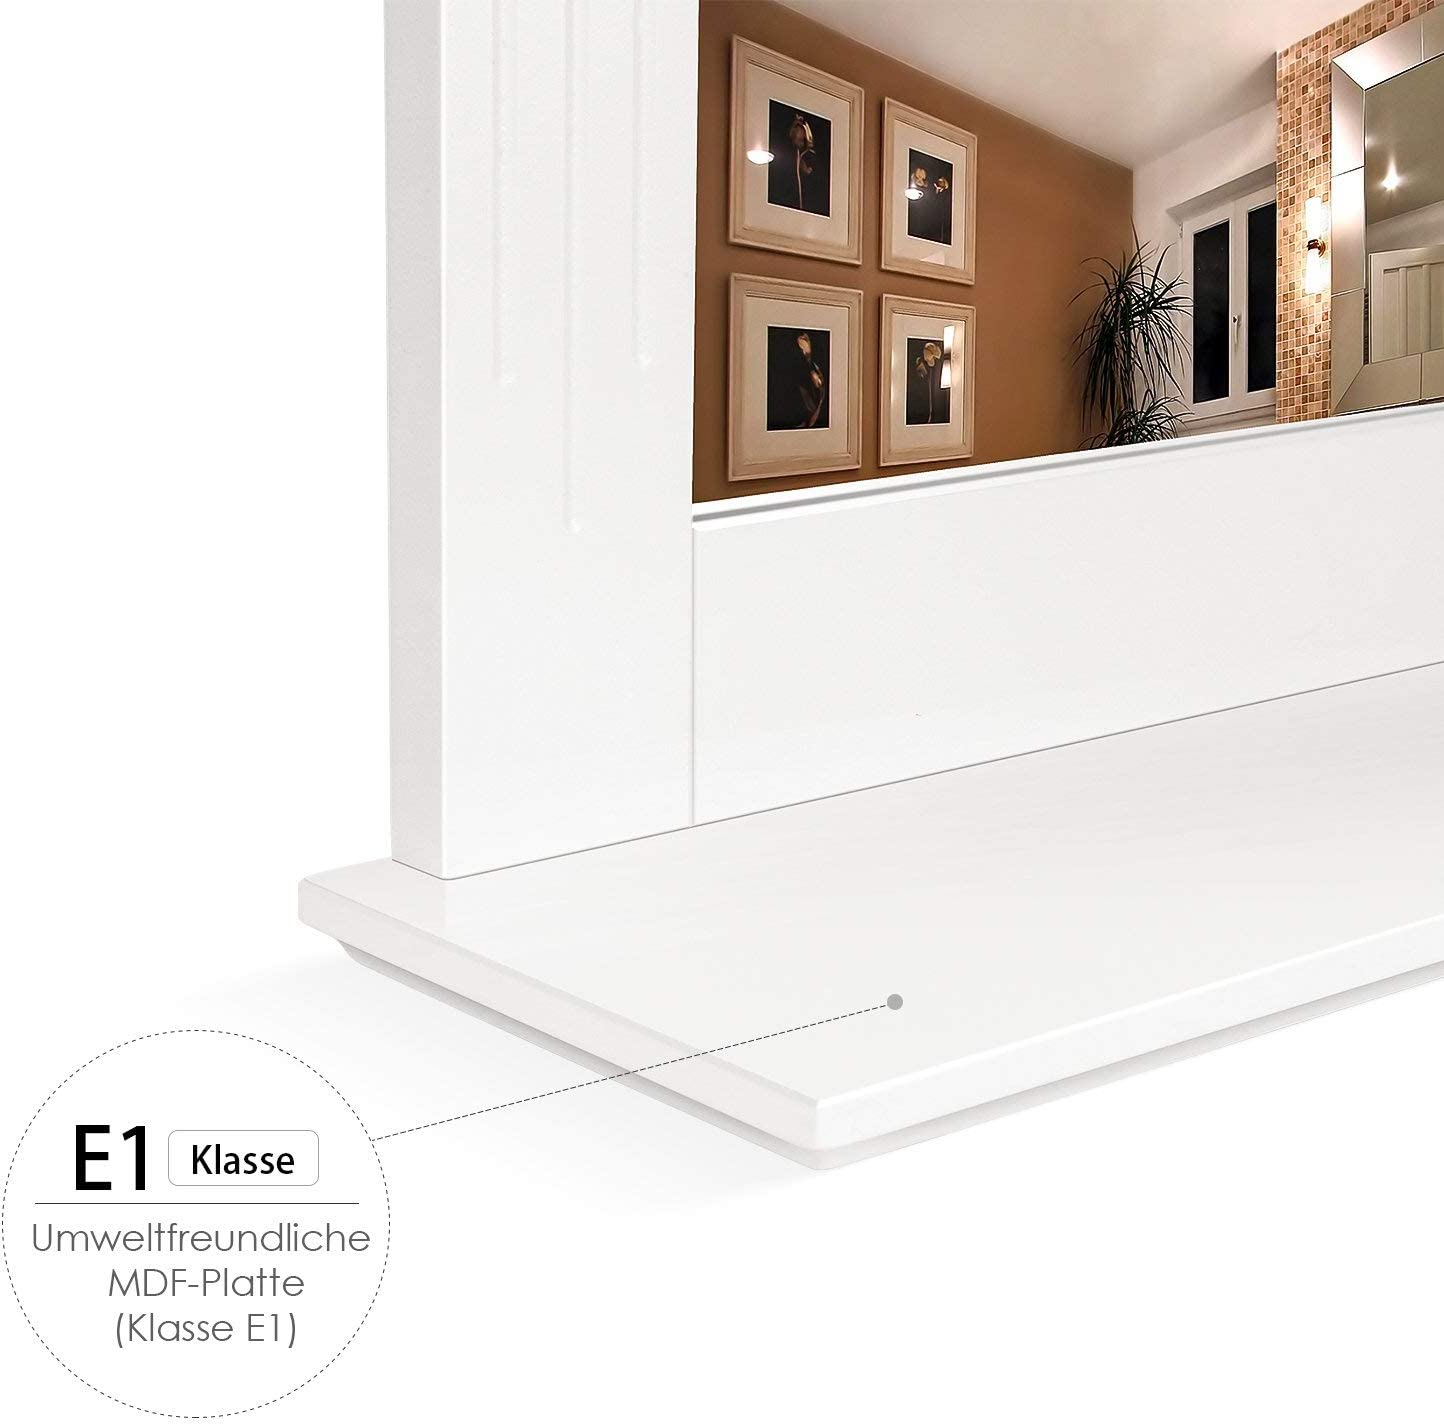 HOMFA 50x60cm Wandspiegel Badspiegel mit Ablage H/ängespigel Spiegel f/ür Badezimmer Wohnzimmer Flur Holz 50x12x60cm